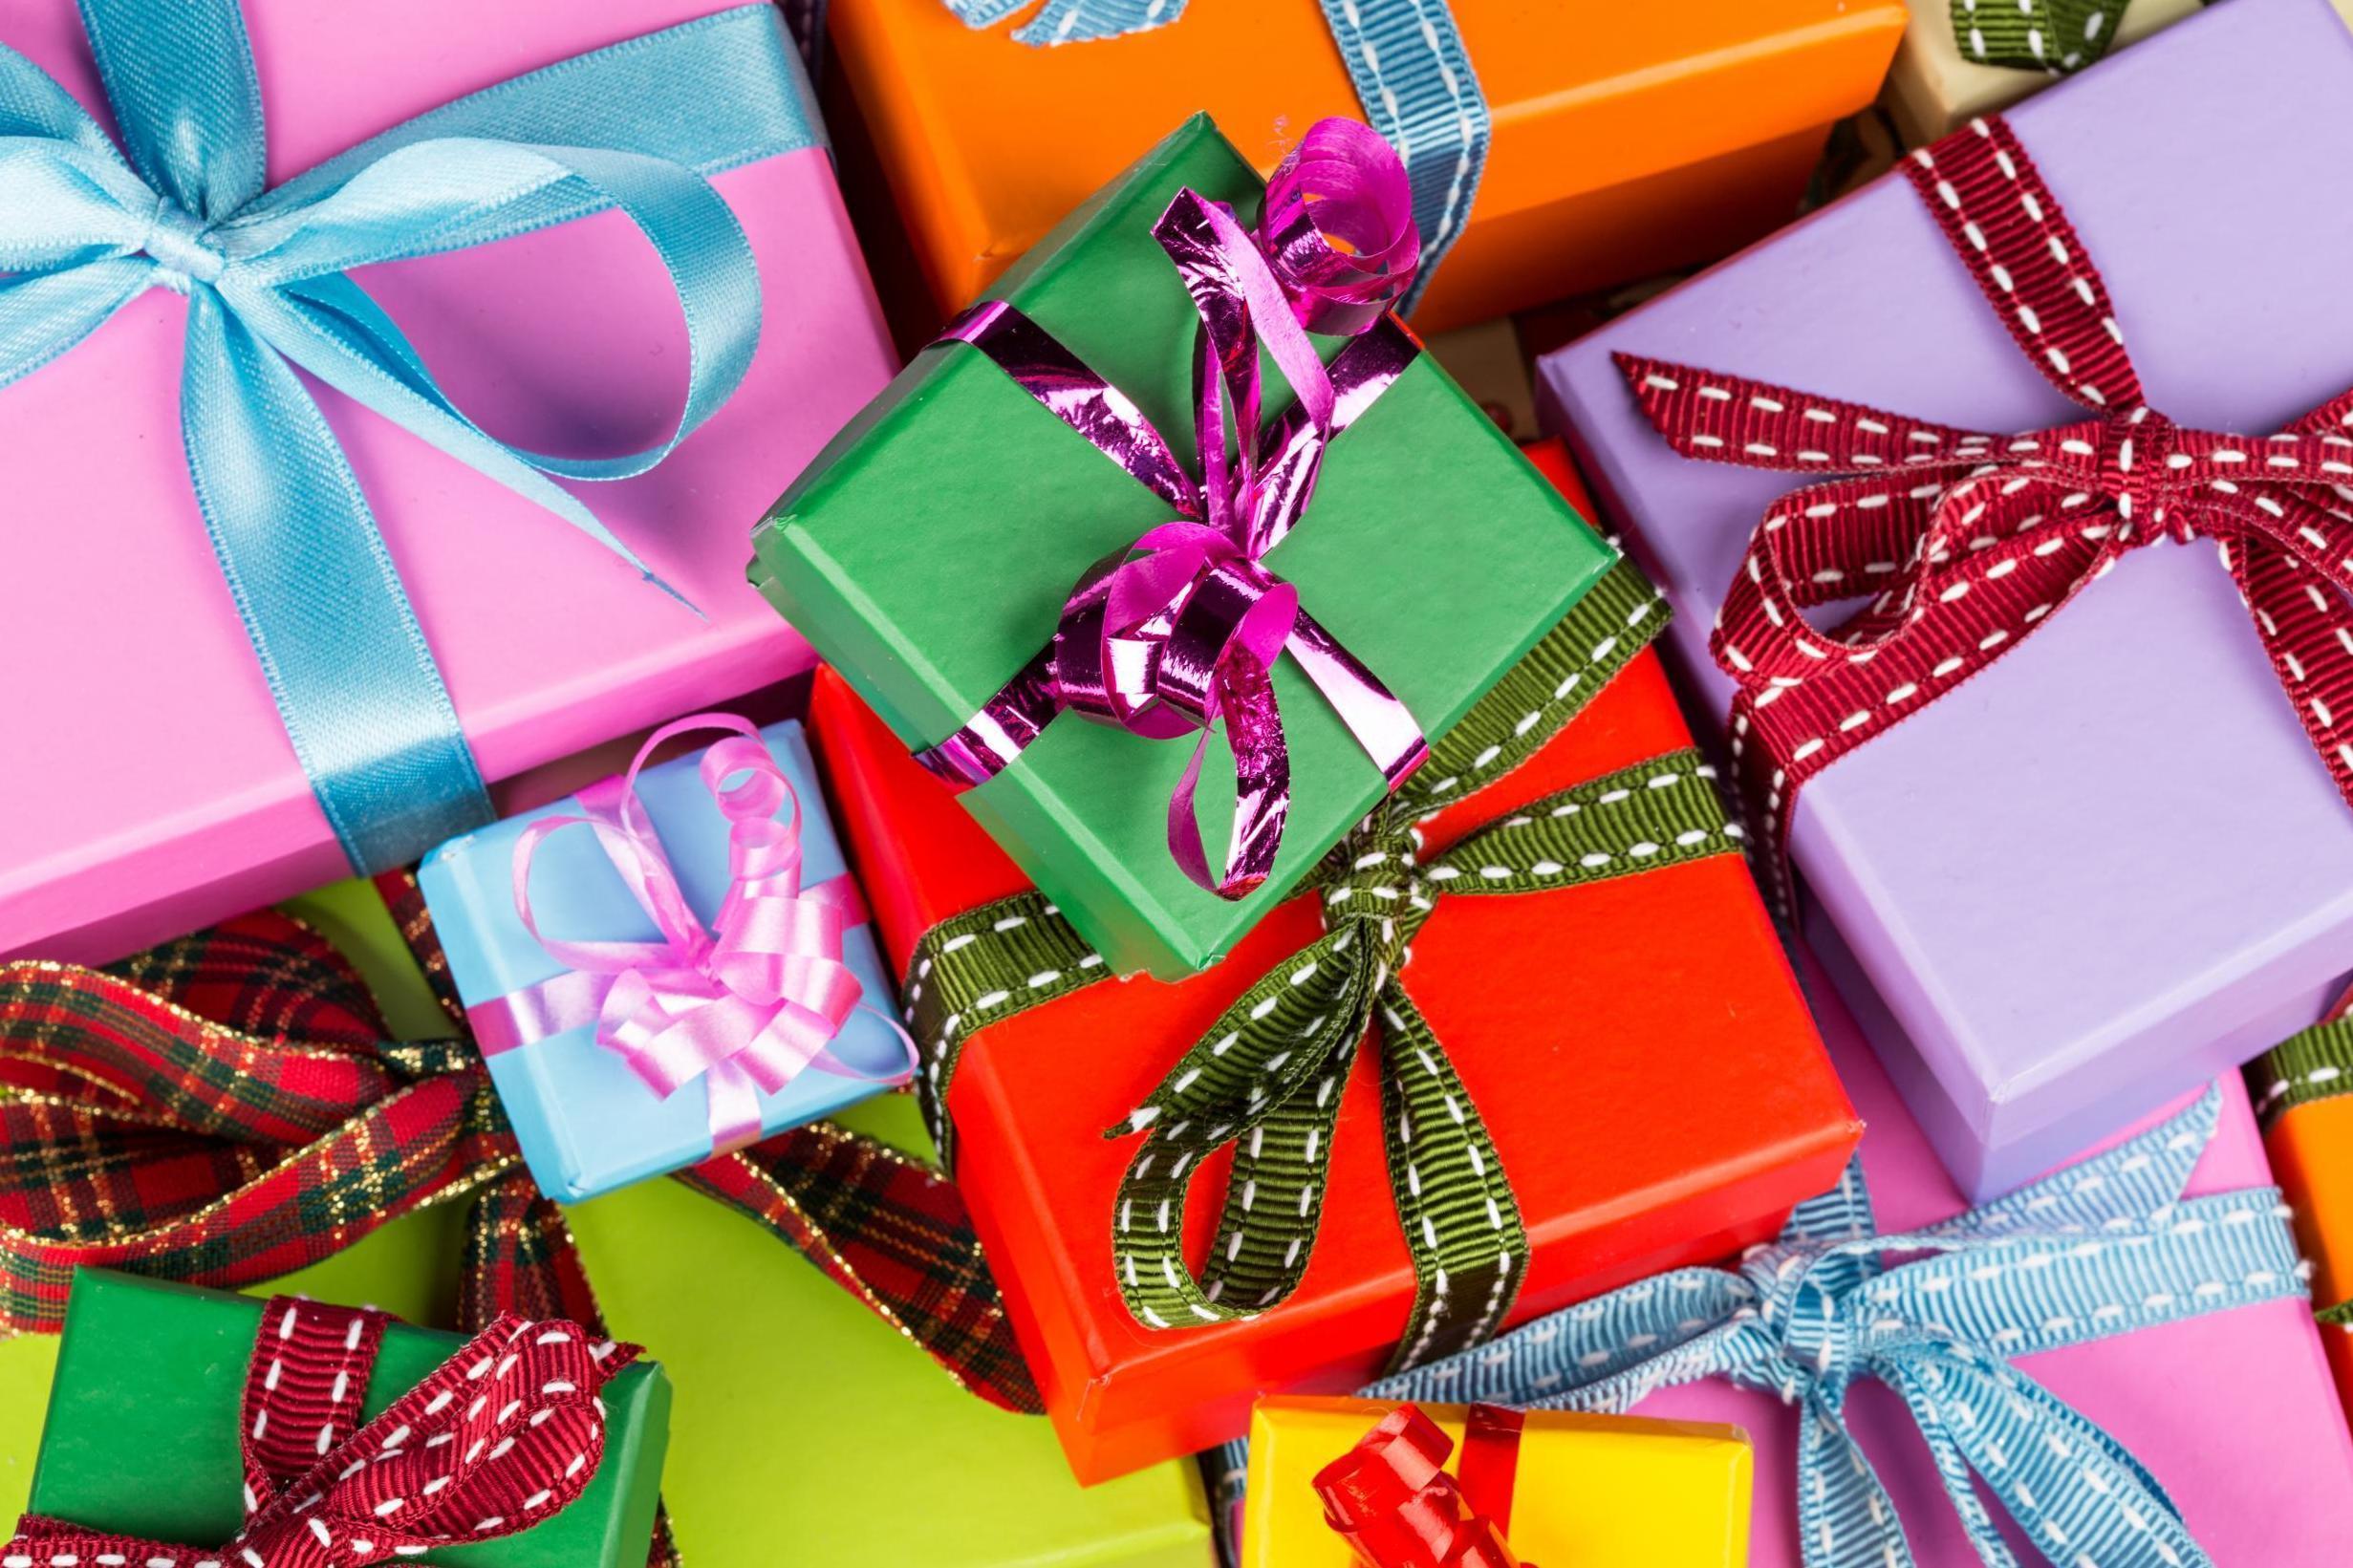 прекрасным картинки для рекламы подарки ассасина адевале бывшего